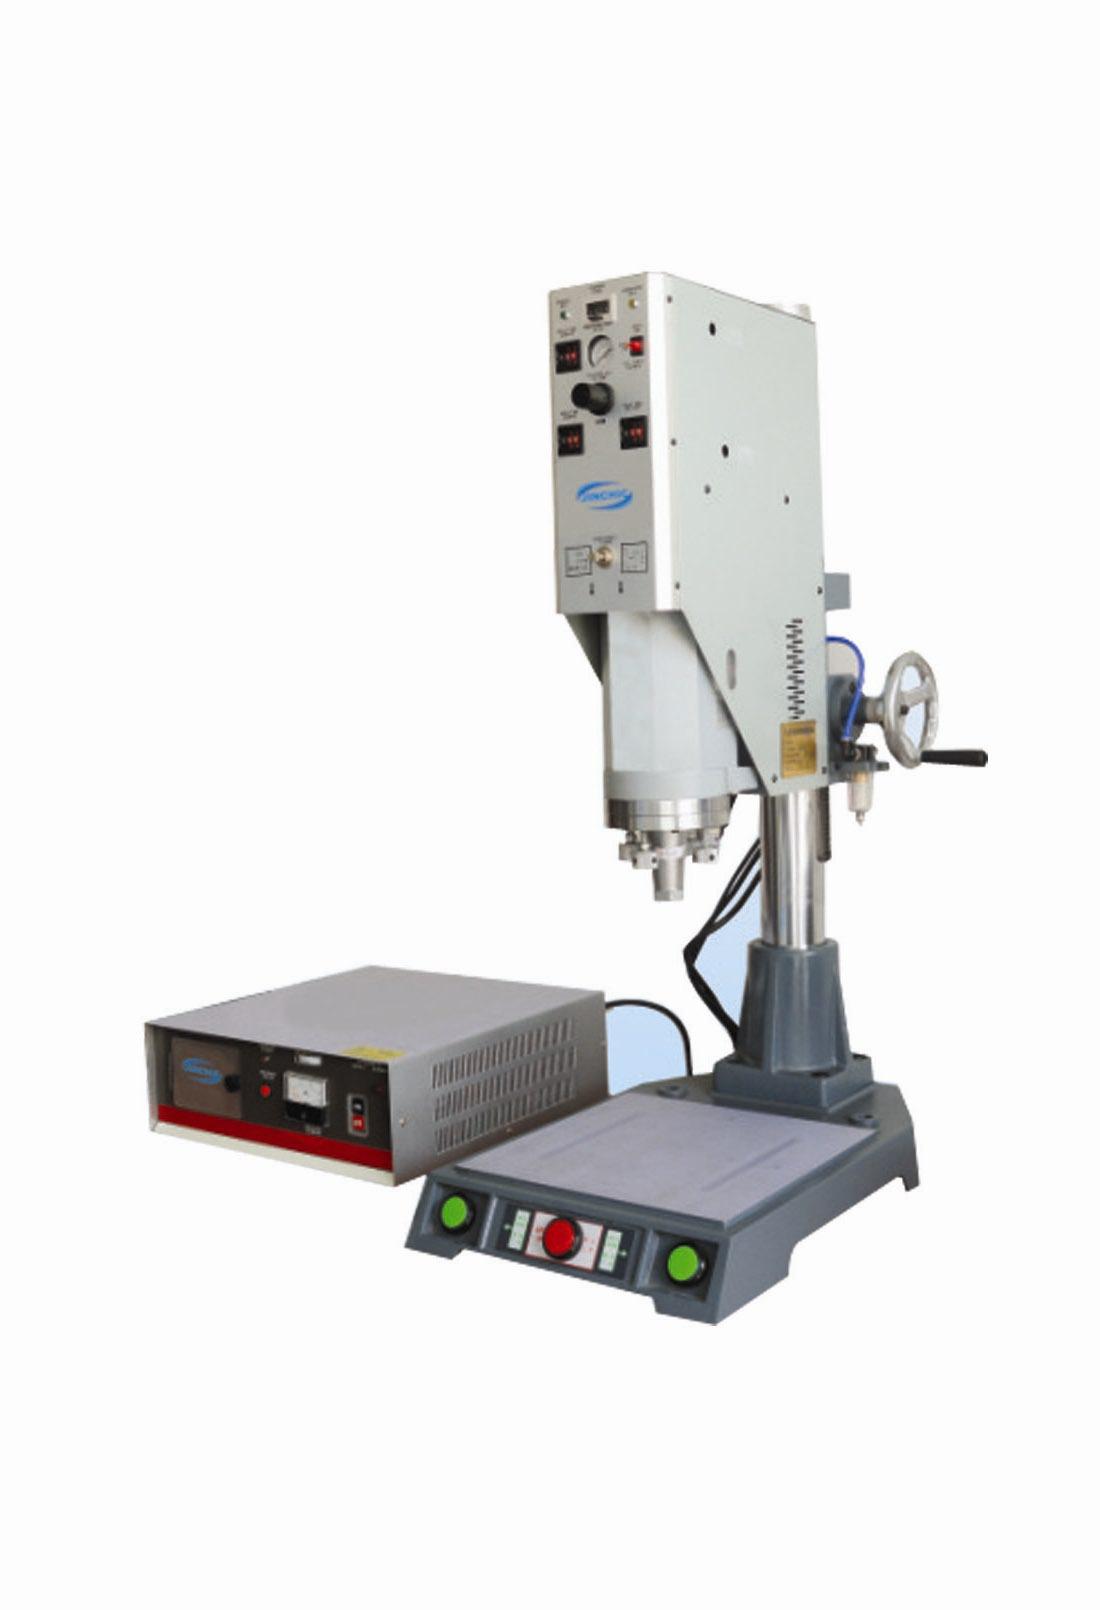 超声波塑料焊接机 超音波熔接机